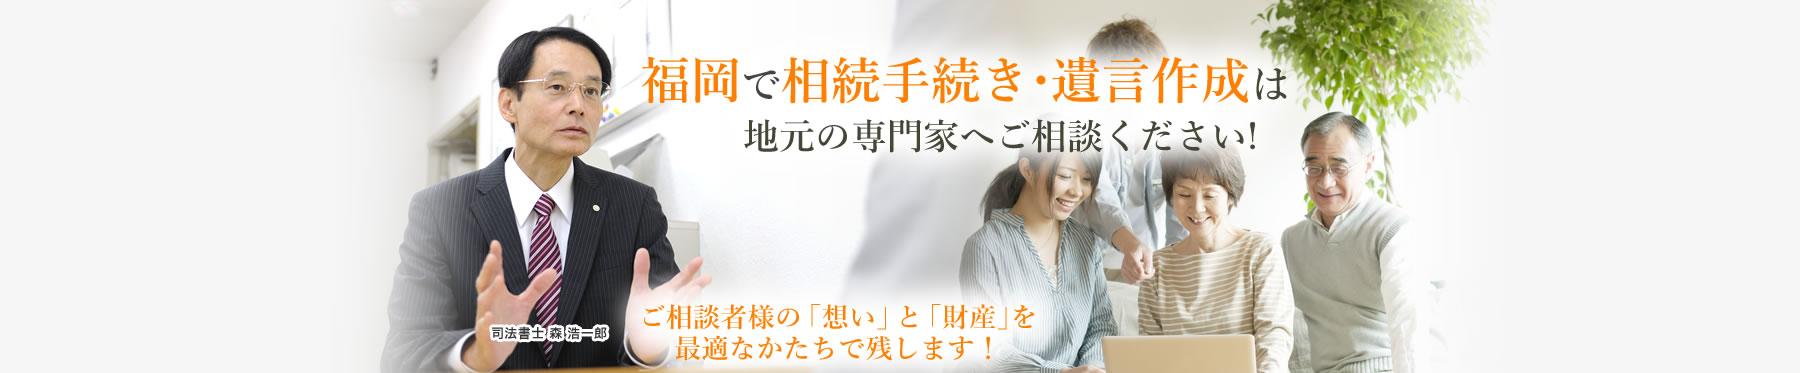 福岡で相続手続き・遺言作成は地元の専門家へご相談ください! ご相談者様の「想い」と「財産」を最適なかたちで残します